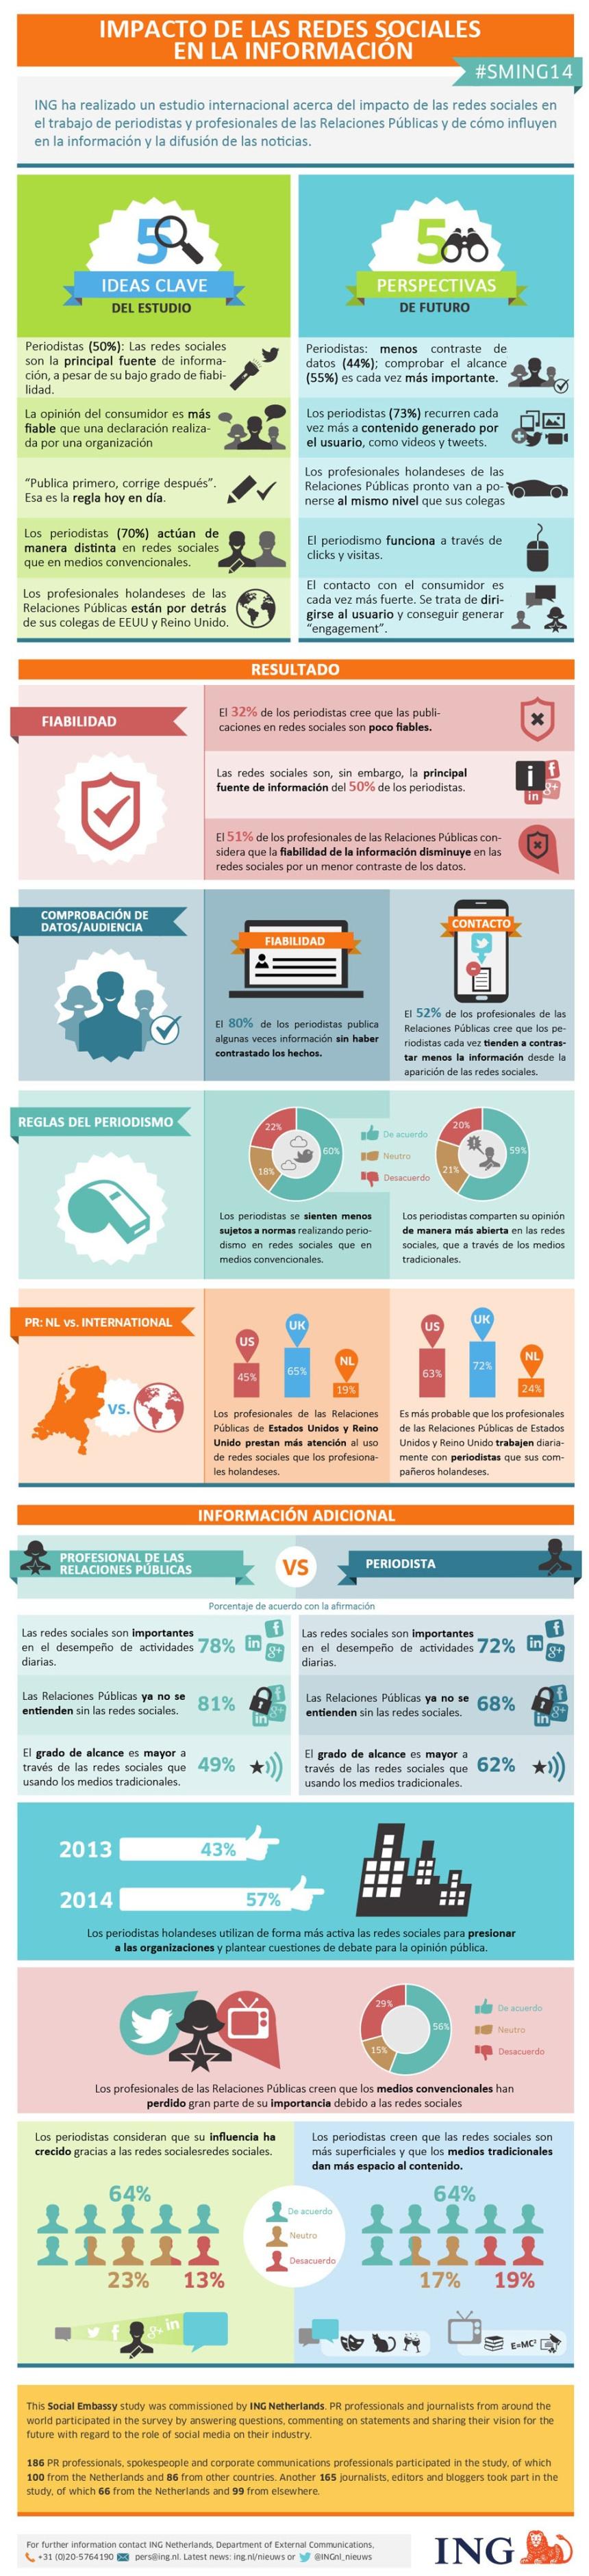 Impacto de las Redes Sociales en la información